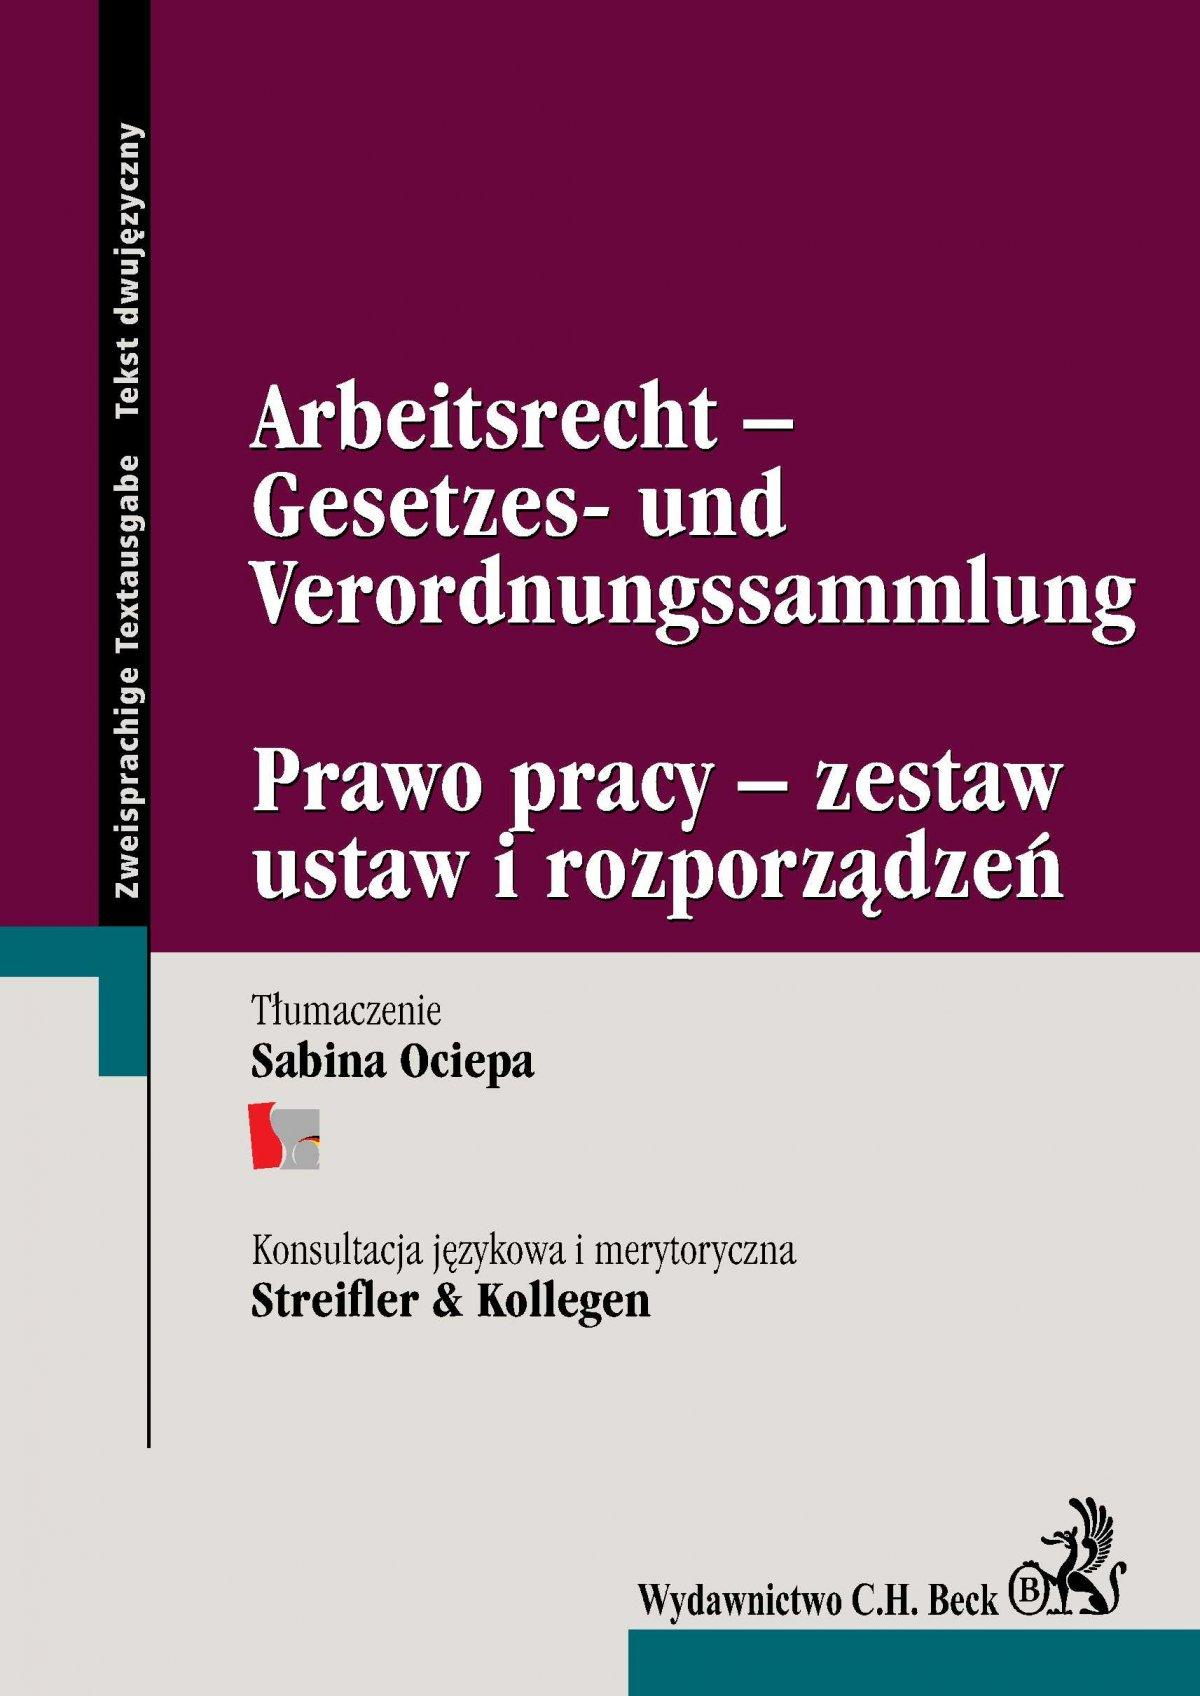 Arbeitsrecht -Gesetzes- und Verordnungssammlung Prawo pracy - zestaw ustaw i rozporządzeń - Ebook (Książka PDF) do pobrania w formacie PDF